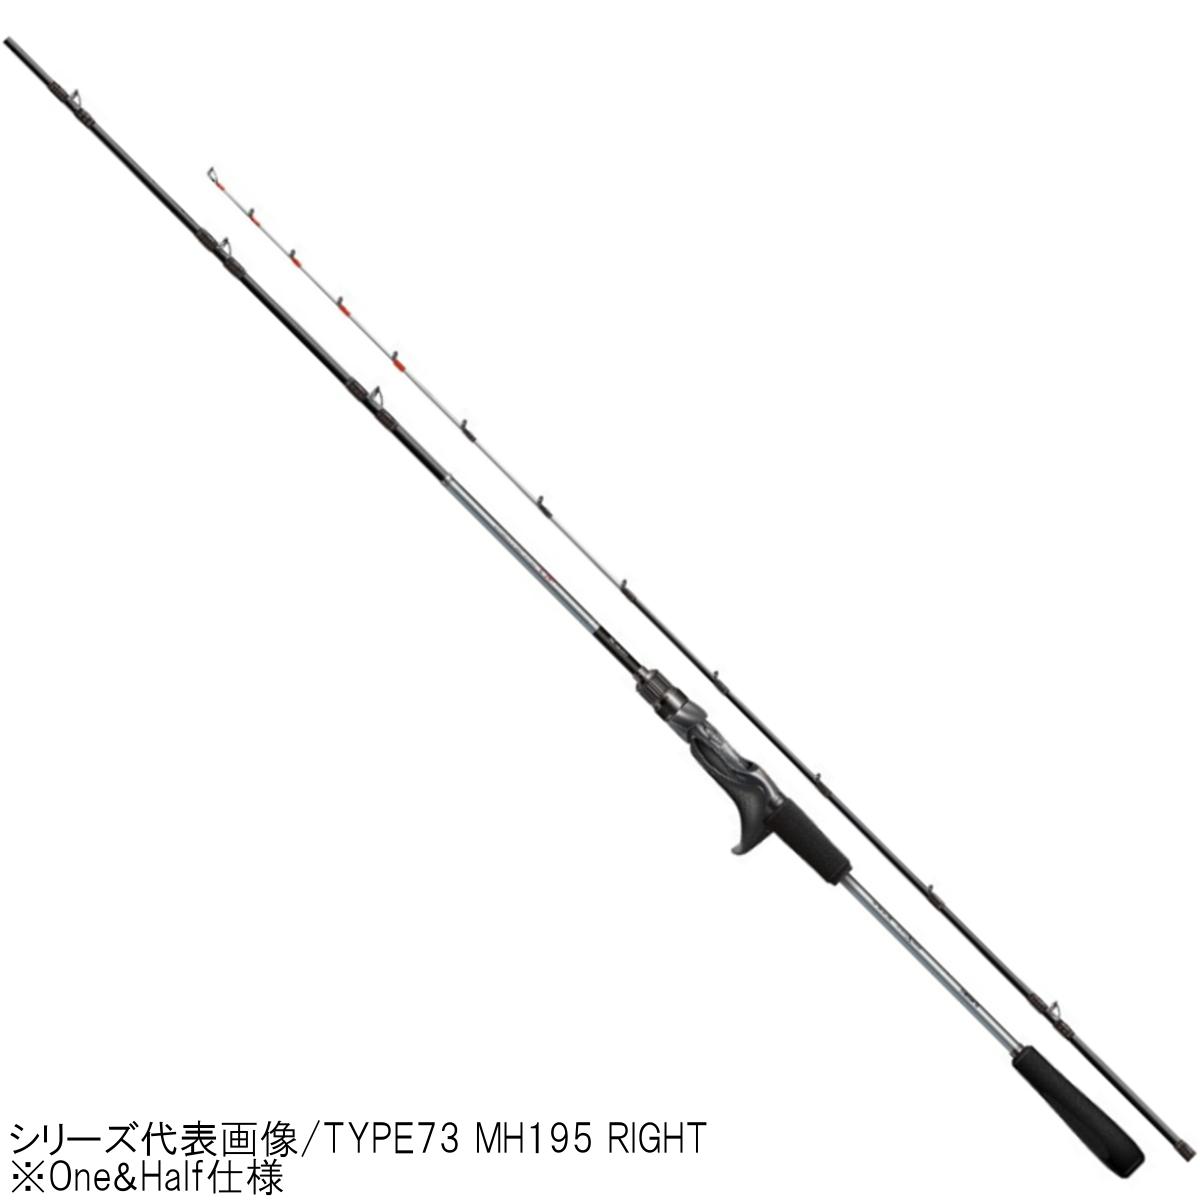 シマノ ライトゲーム CI4+ TYPE73 MH225 RIGHT【大型商品】